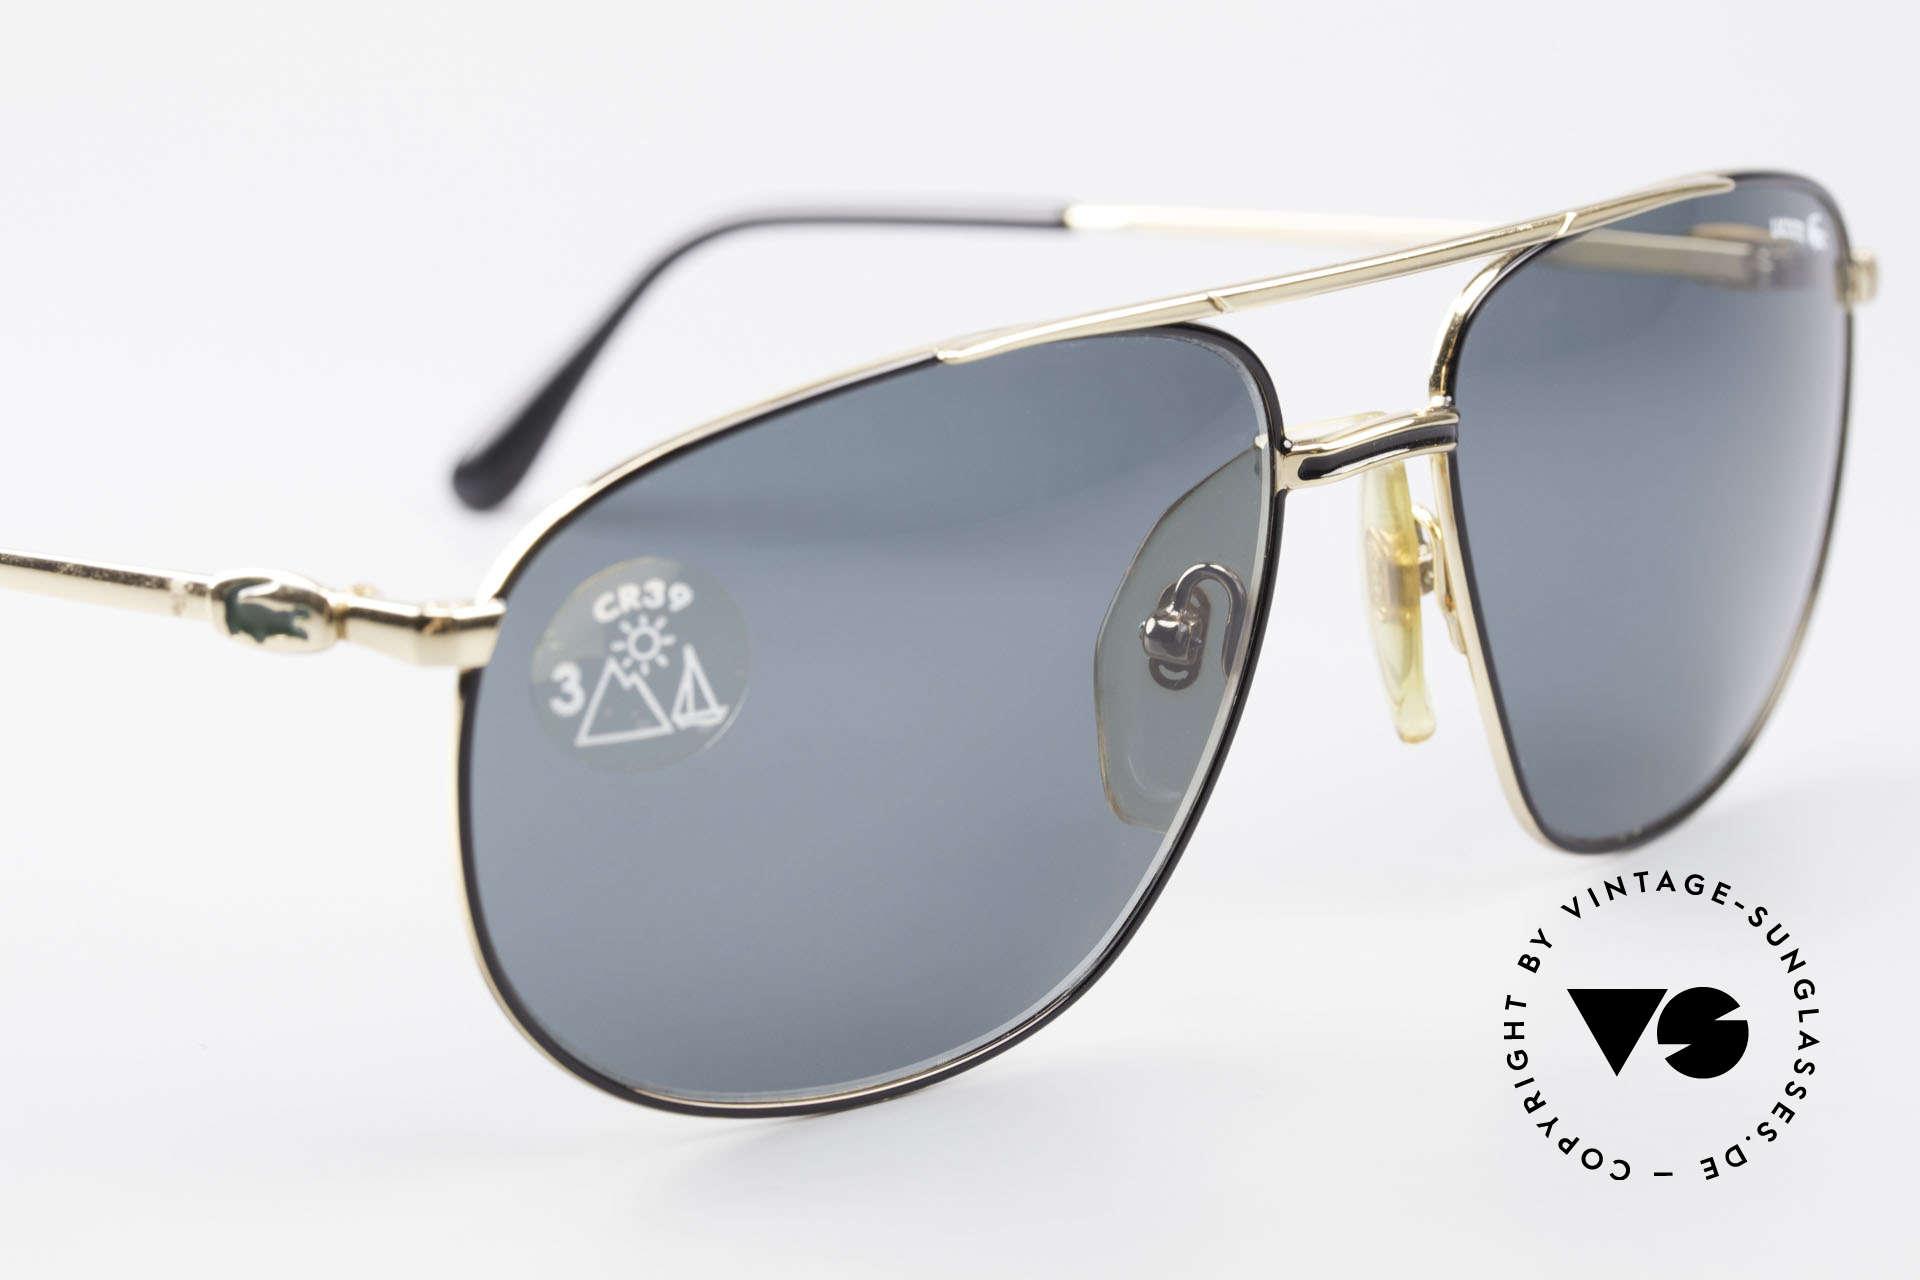 Lacoste 121 XL Sport Sonnenbrille Herren, ungetragen (wie alle unsere LACOSTE Brillen), Passend für Herren